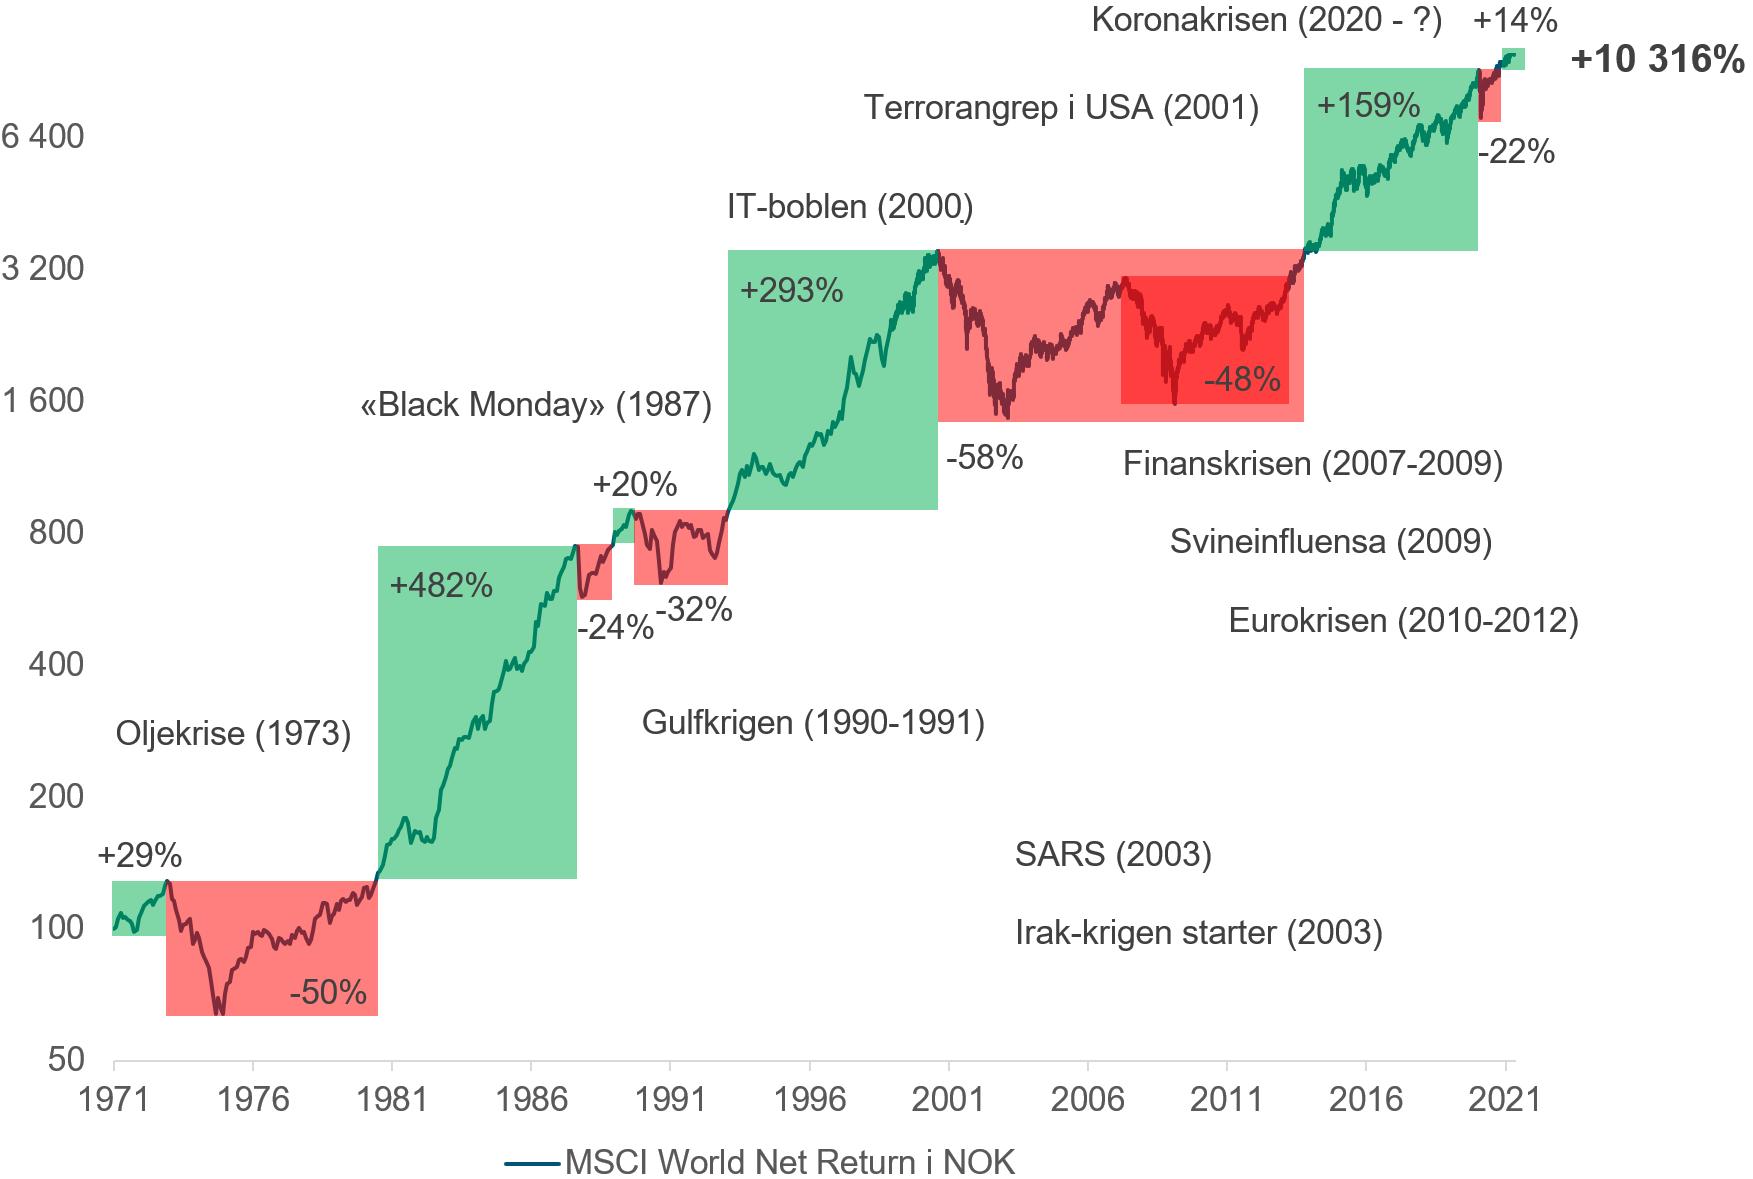 Her ser du hvordan det globale aksjemarkedet utviklet seg fra 29. januar 1971 til 16. juni 2021 gjennom både opp- og nedturer. Oppturene er markert i grønn og nedturene i rødt. Aksjeindeksen som er brukt er MSCI World Net Return i norske kroner. (Kilde: Bloomberg).